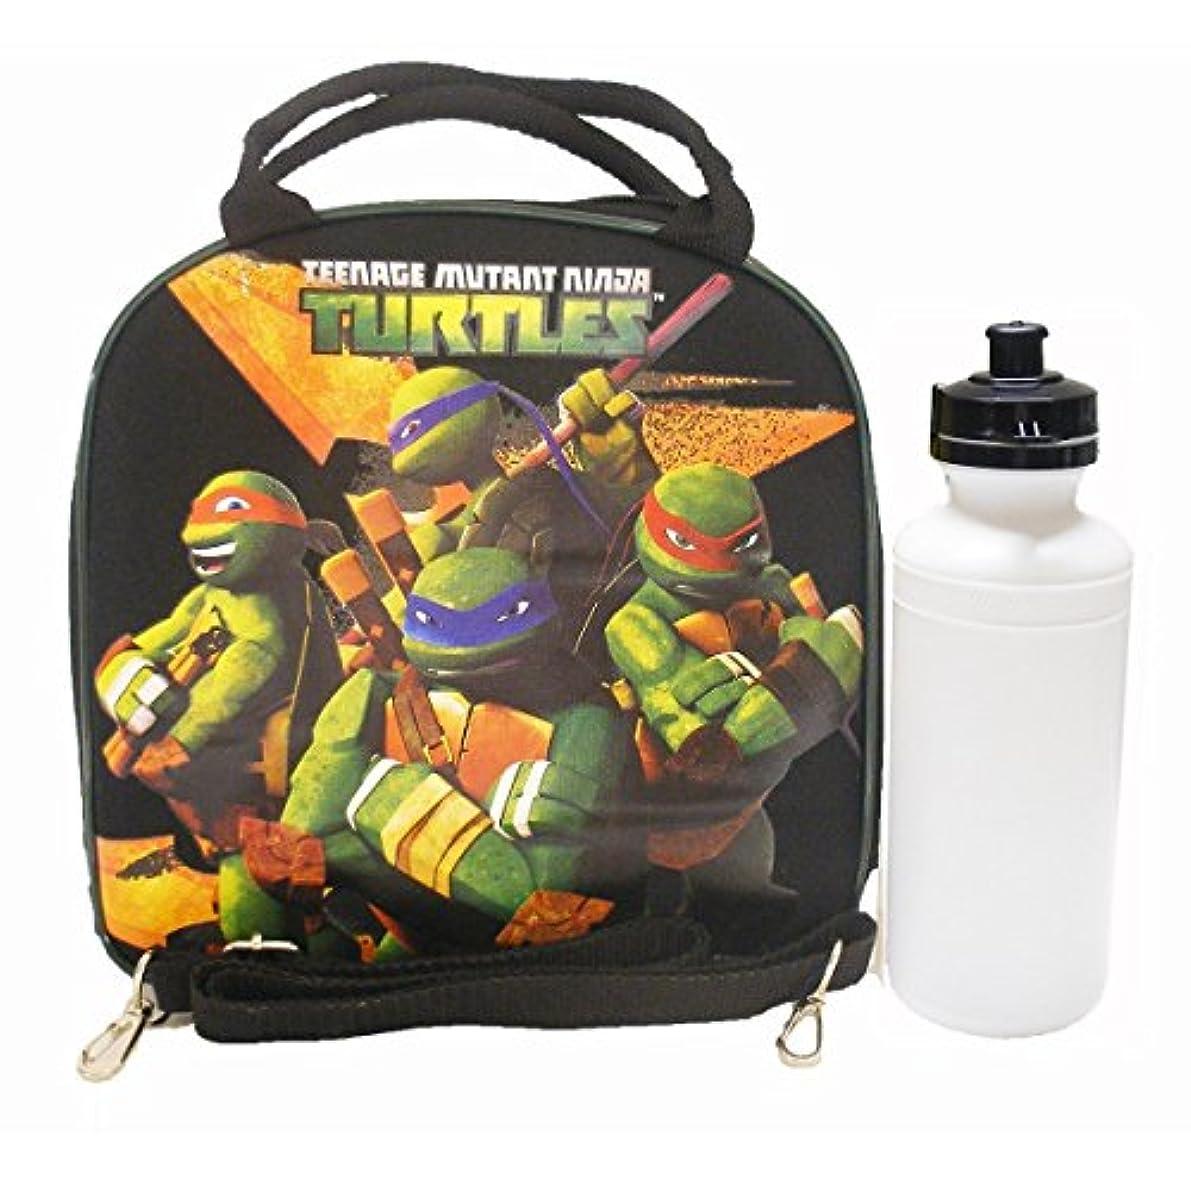 奇妙なシュガー注ぎます1 X Ninja Turtles Black lunch Bag with Water Bottle by Nickelodeon